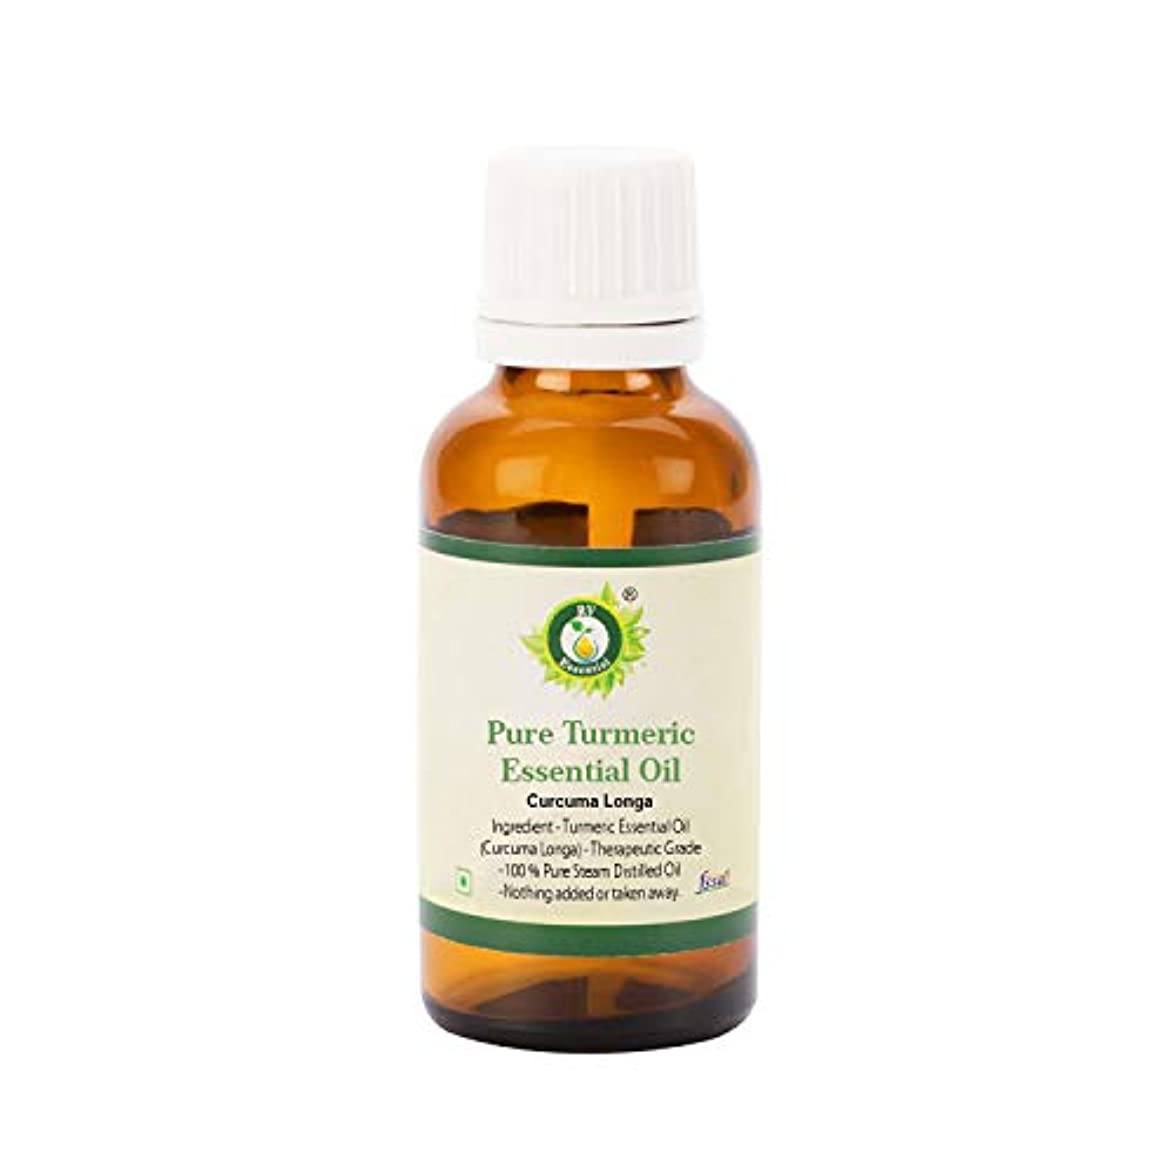 パンツ突撃呼ぶR V Essential 純粋なウコン精油5ml (0.169oz)- Curcuma Longa (100%純粋&天然スチームDistilled) Pure Turmeric Essential Oil